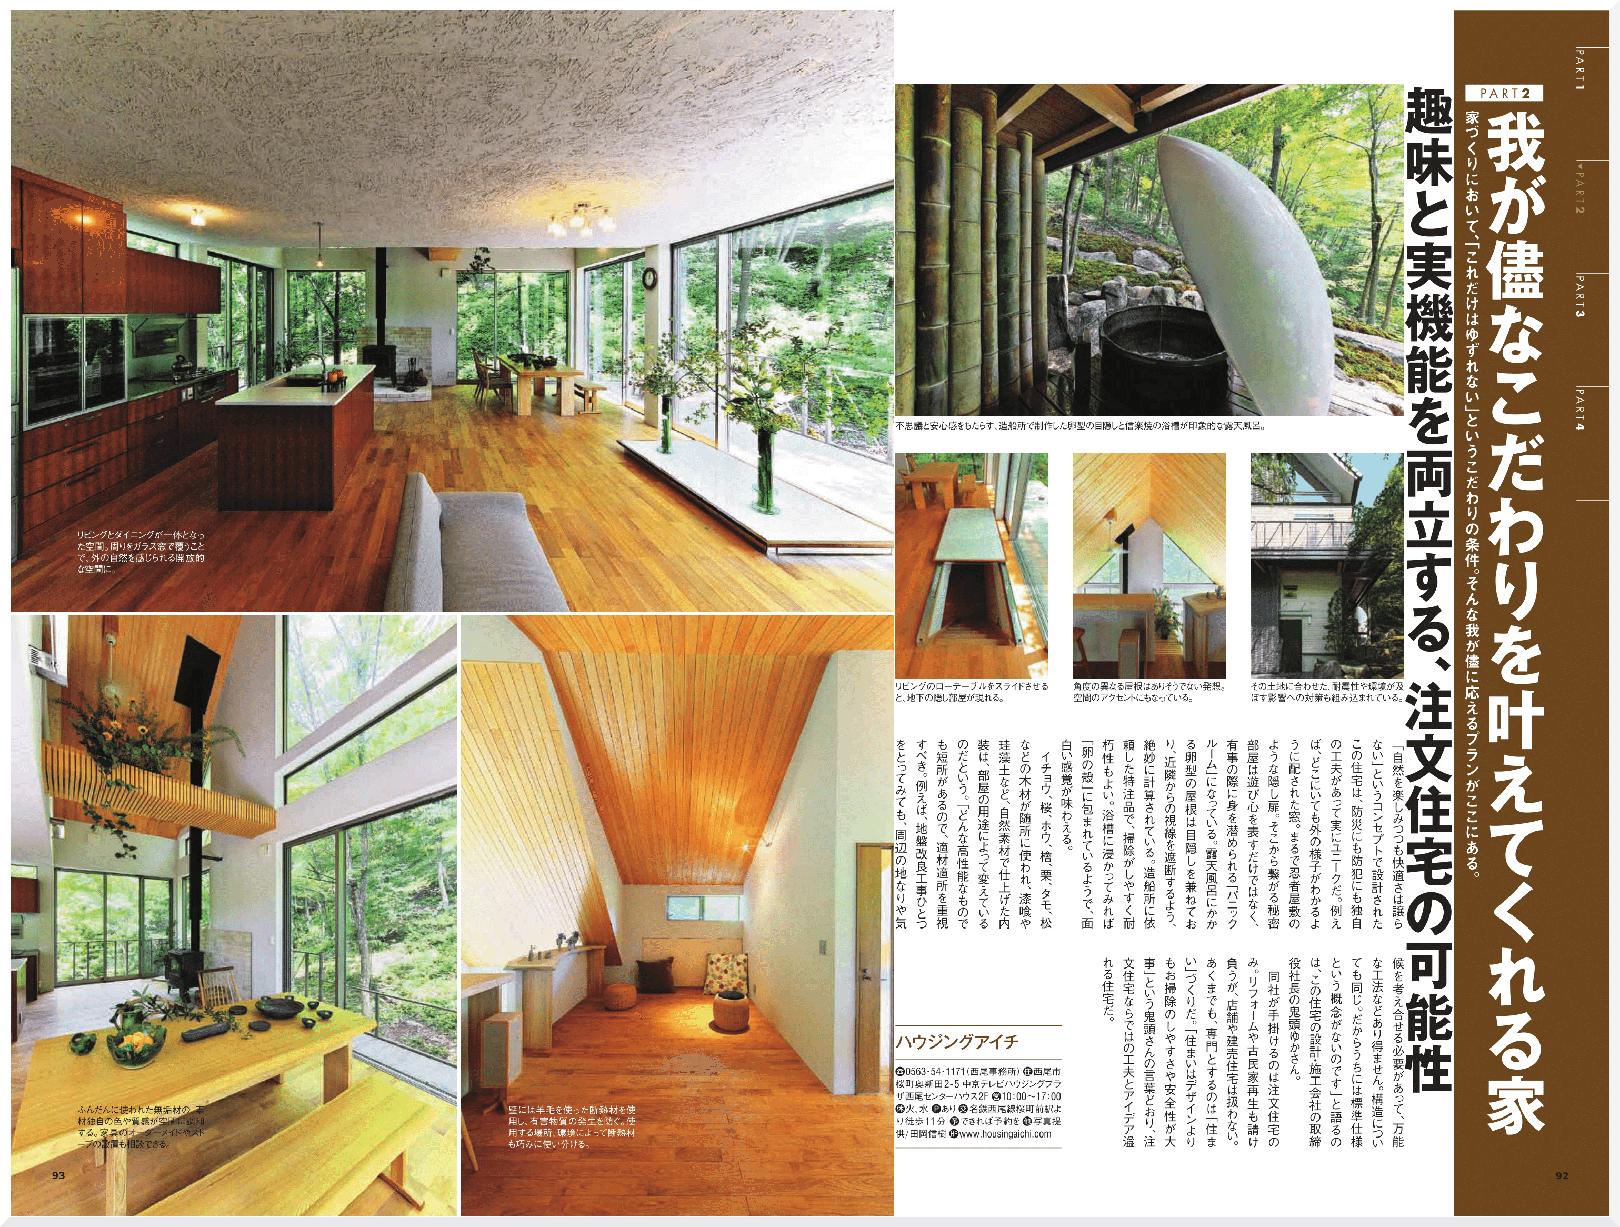 2015年9月29日(火)発売の雑誌「大人の名古屋」(CCCメディアハウ